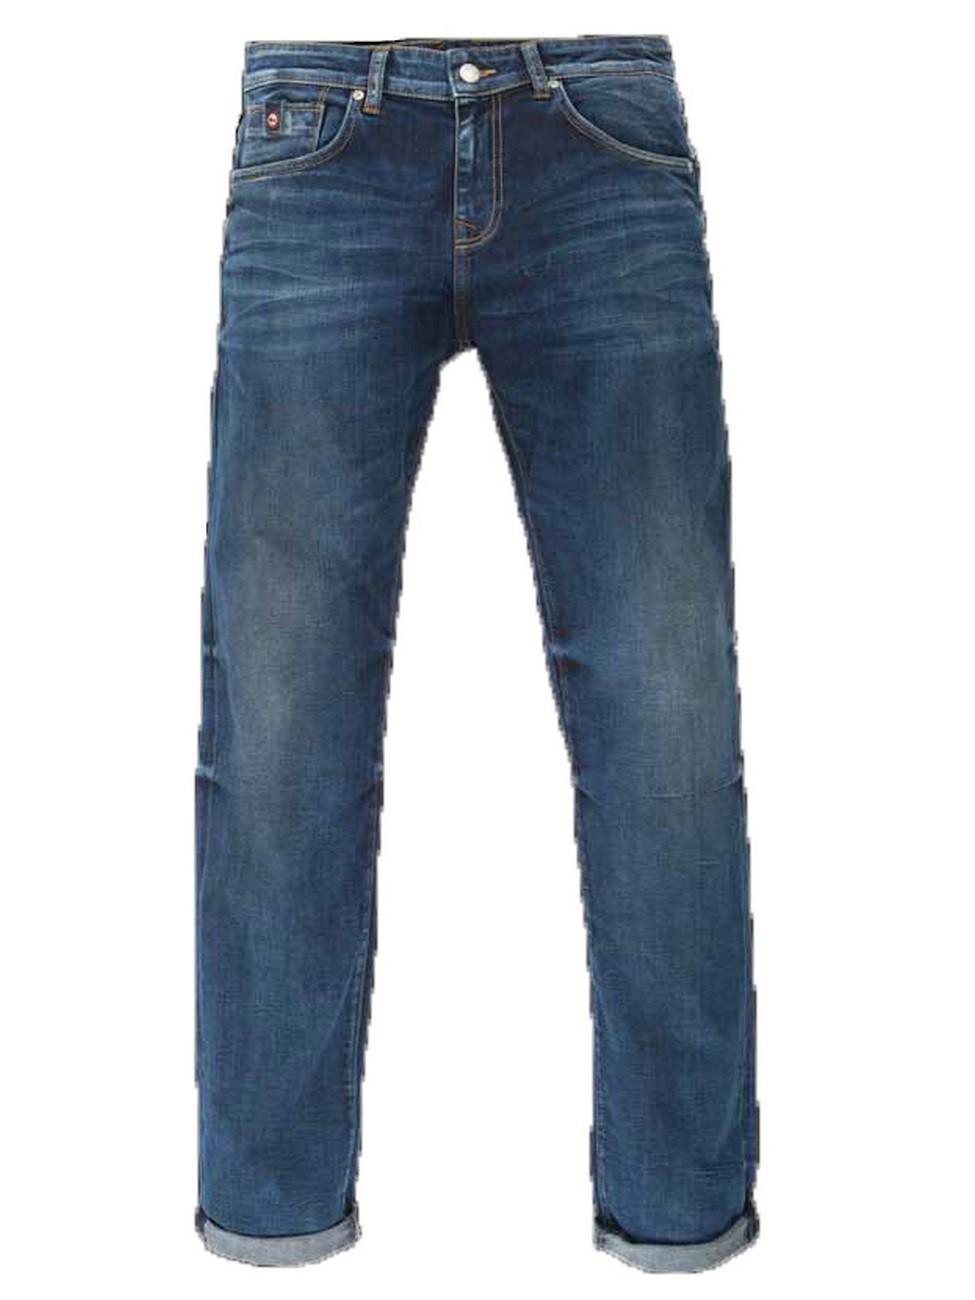 ltb herren jeans joshua slim fit blue lapis wash. Black Bedroom Furniture Sets. Home Design Ideas